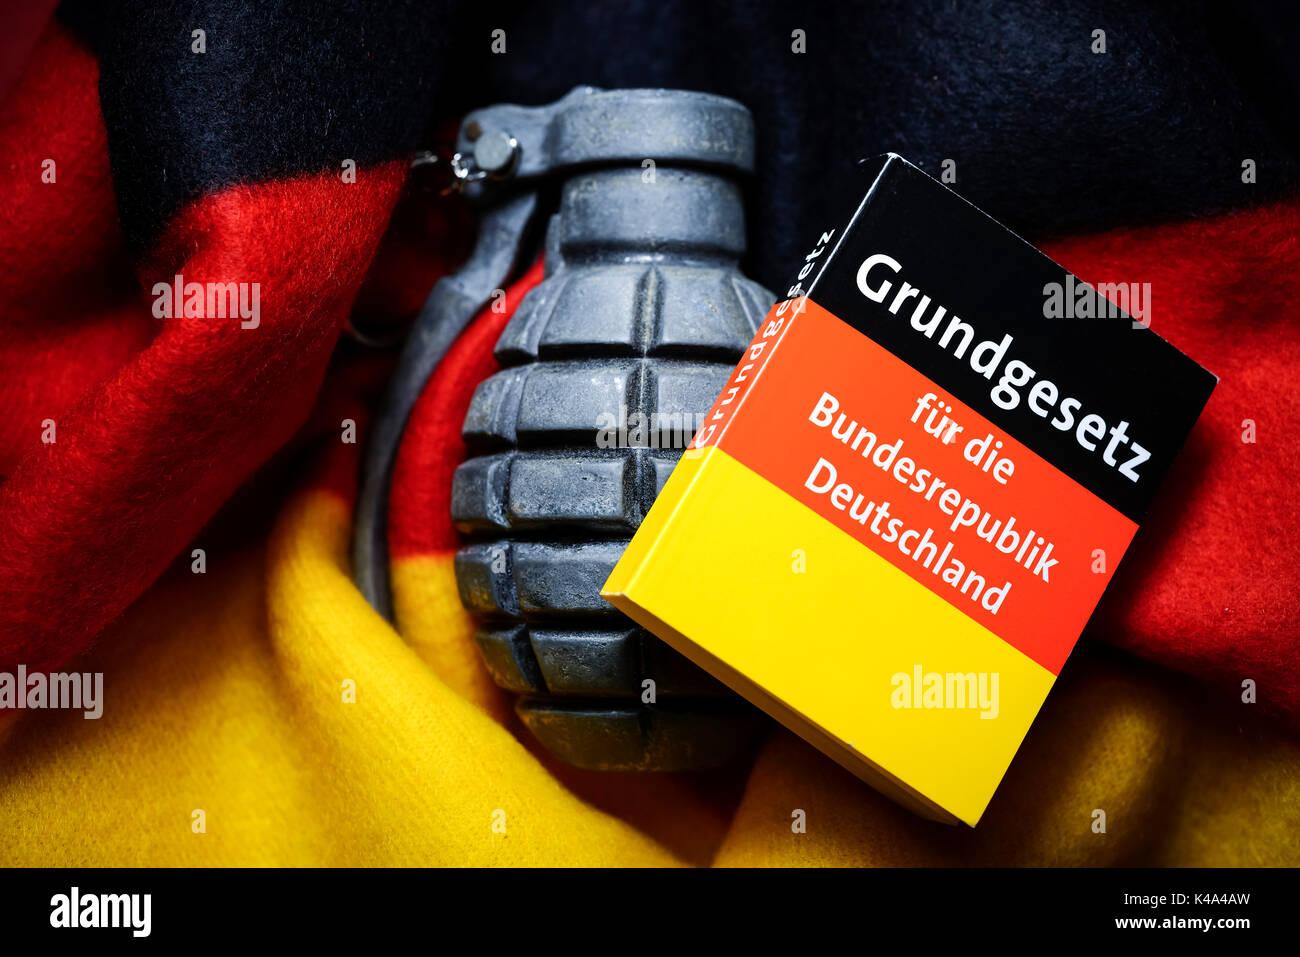 Ley fundamental de la República Federal de Alemania y la granada de mano, el extremismo amenaza Imagen De Stock